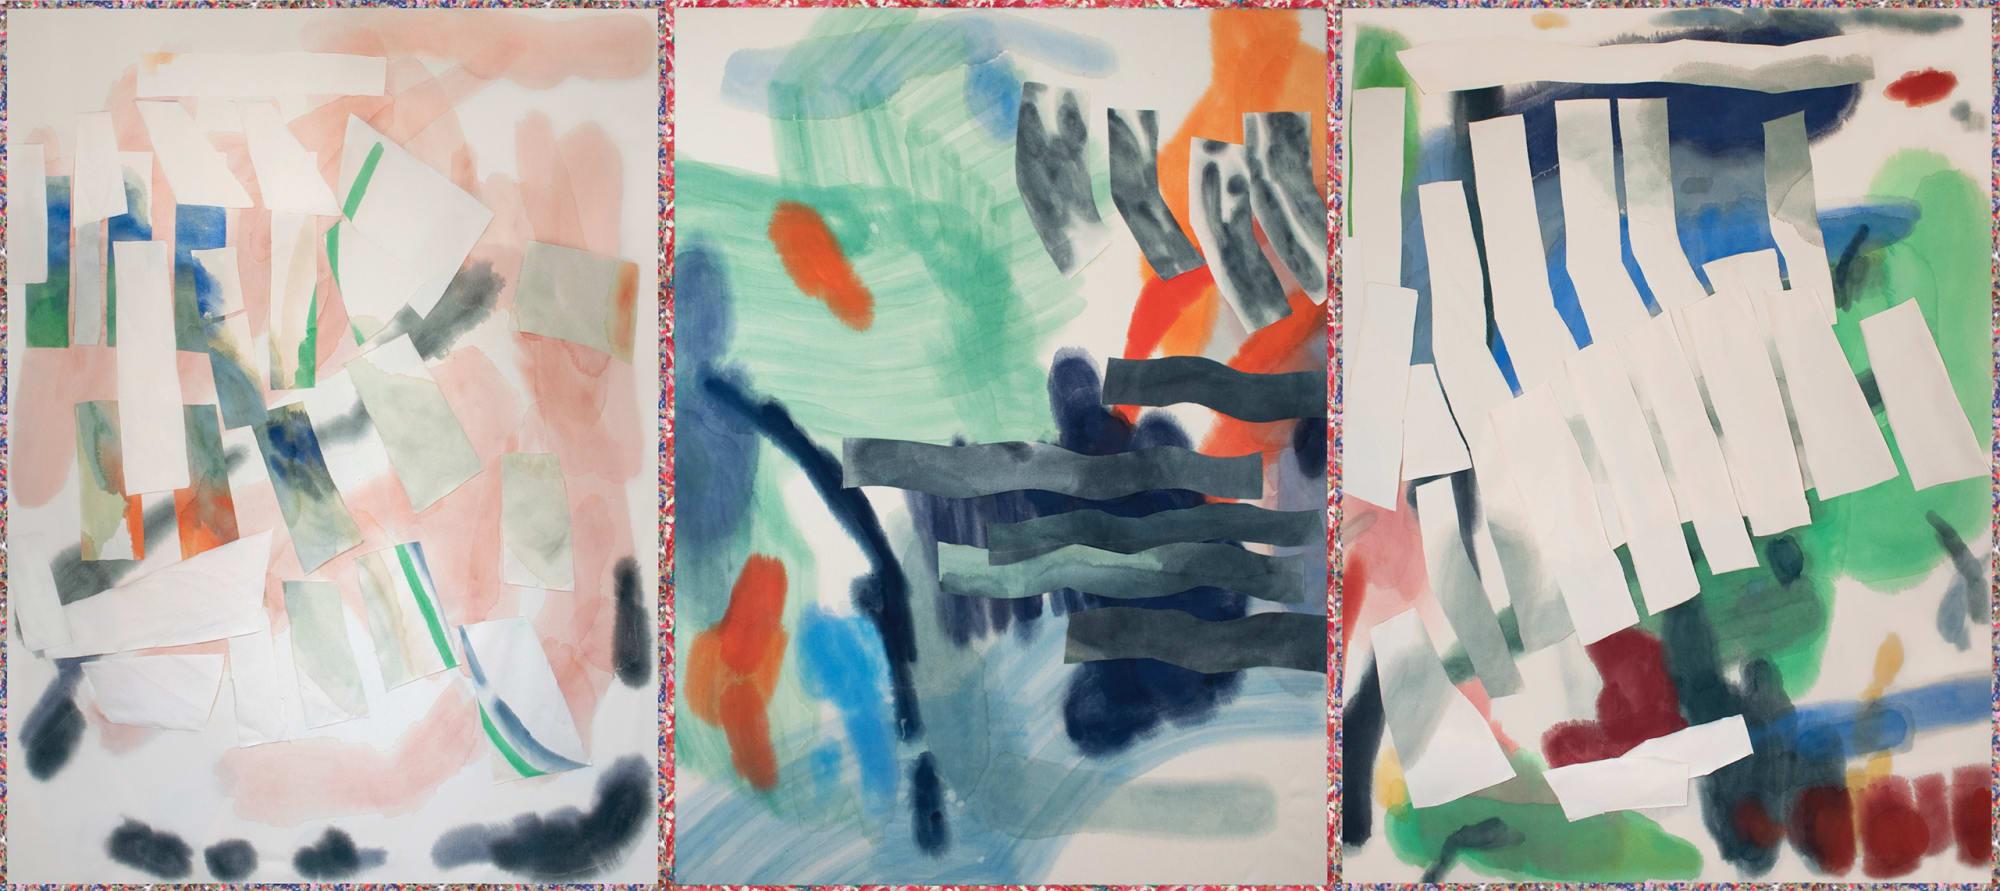 Ines Katamso: Synthesis I, II, & III